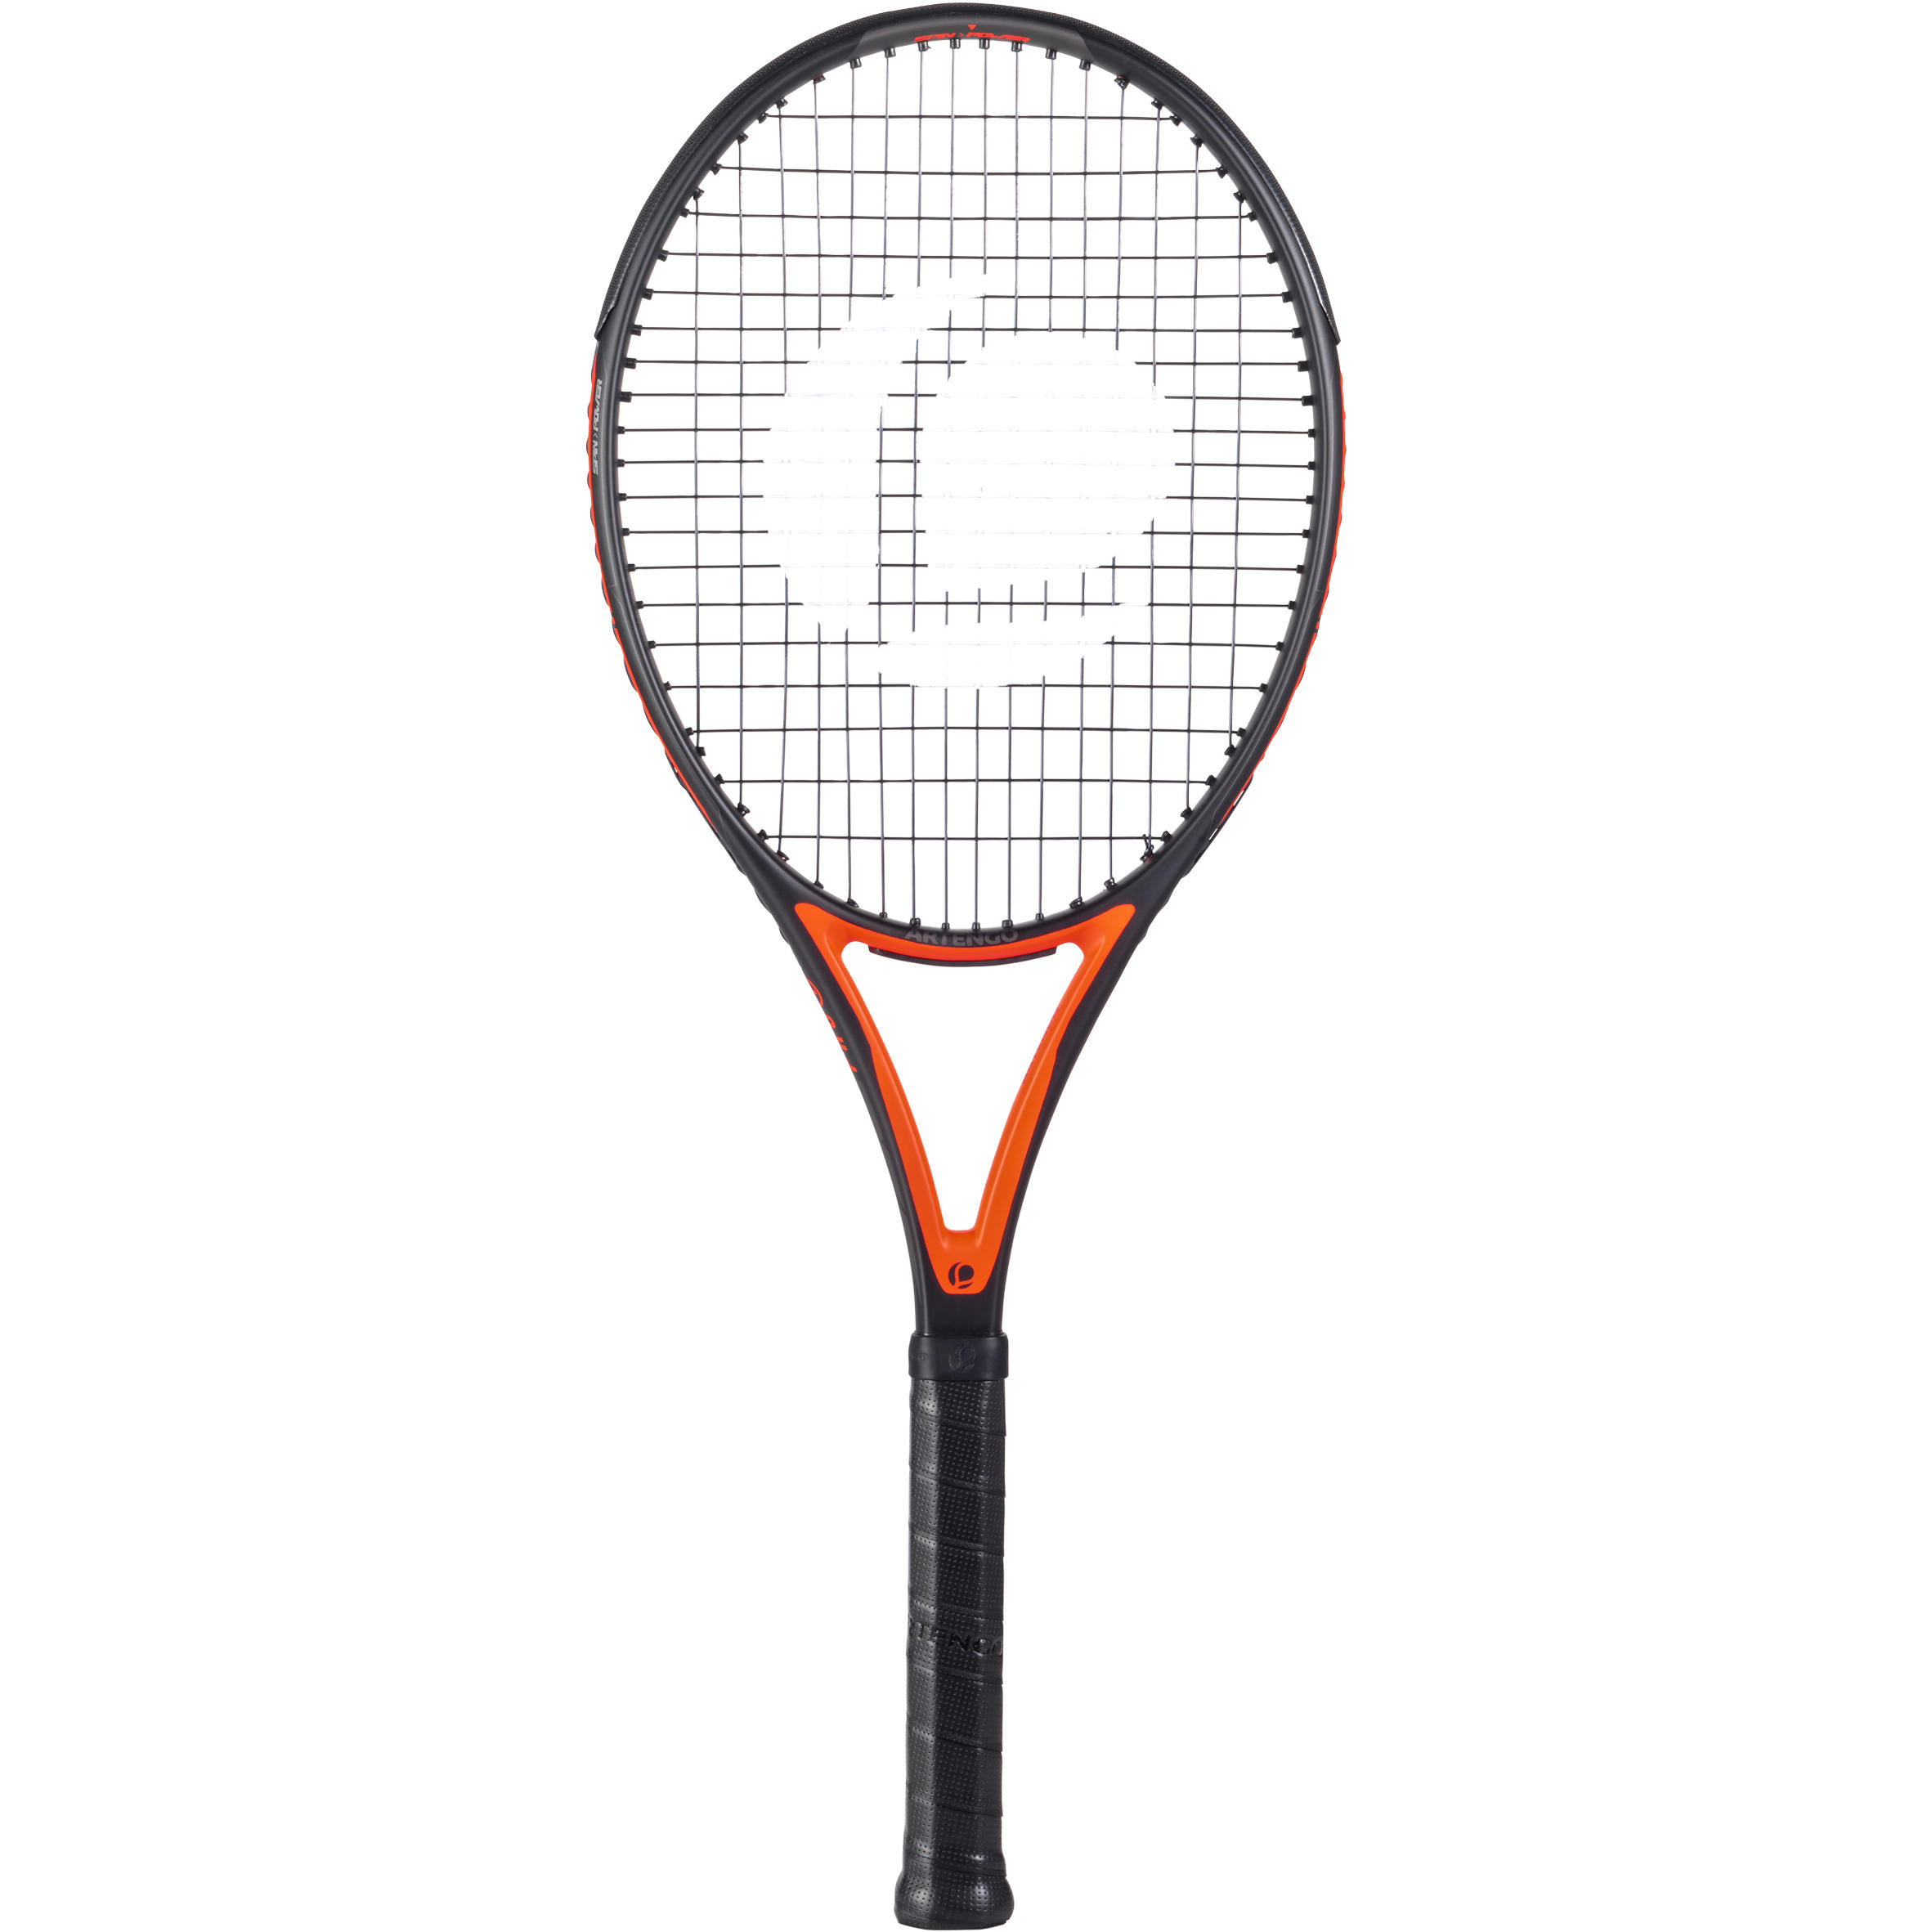 Rachetă Tenis TR990 PRO+ imagine